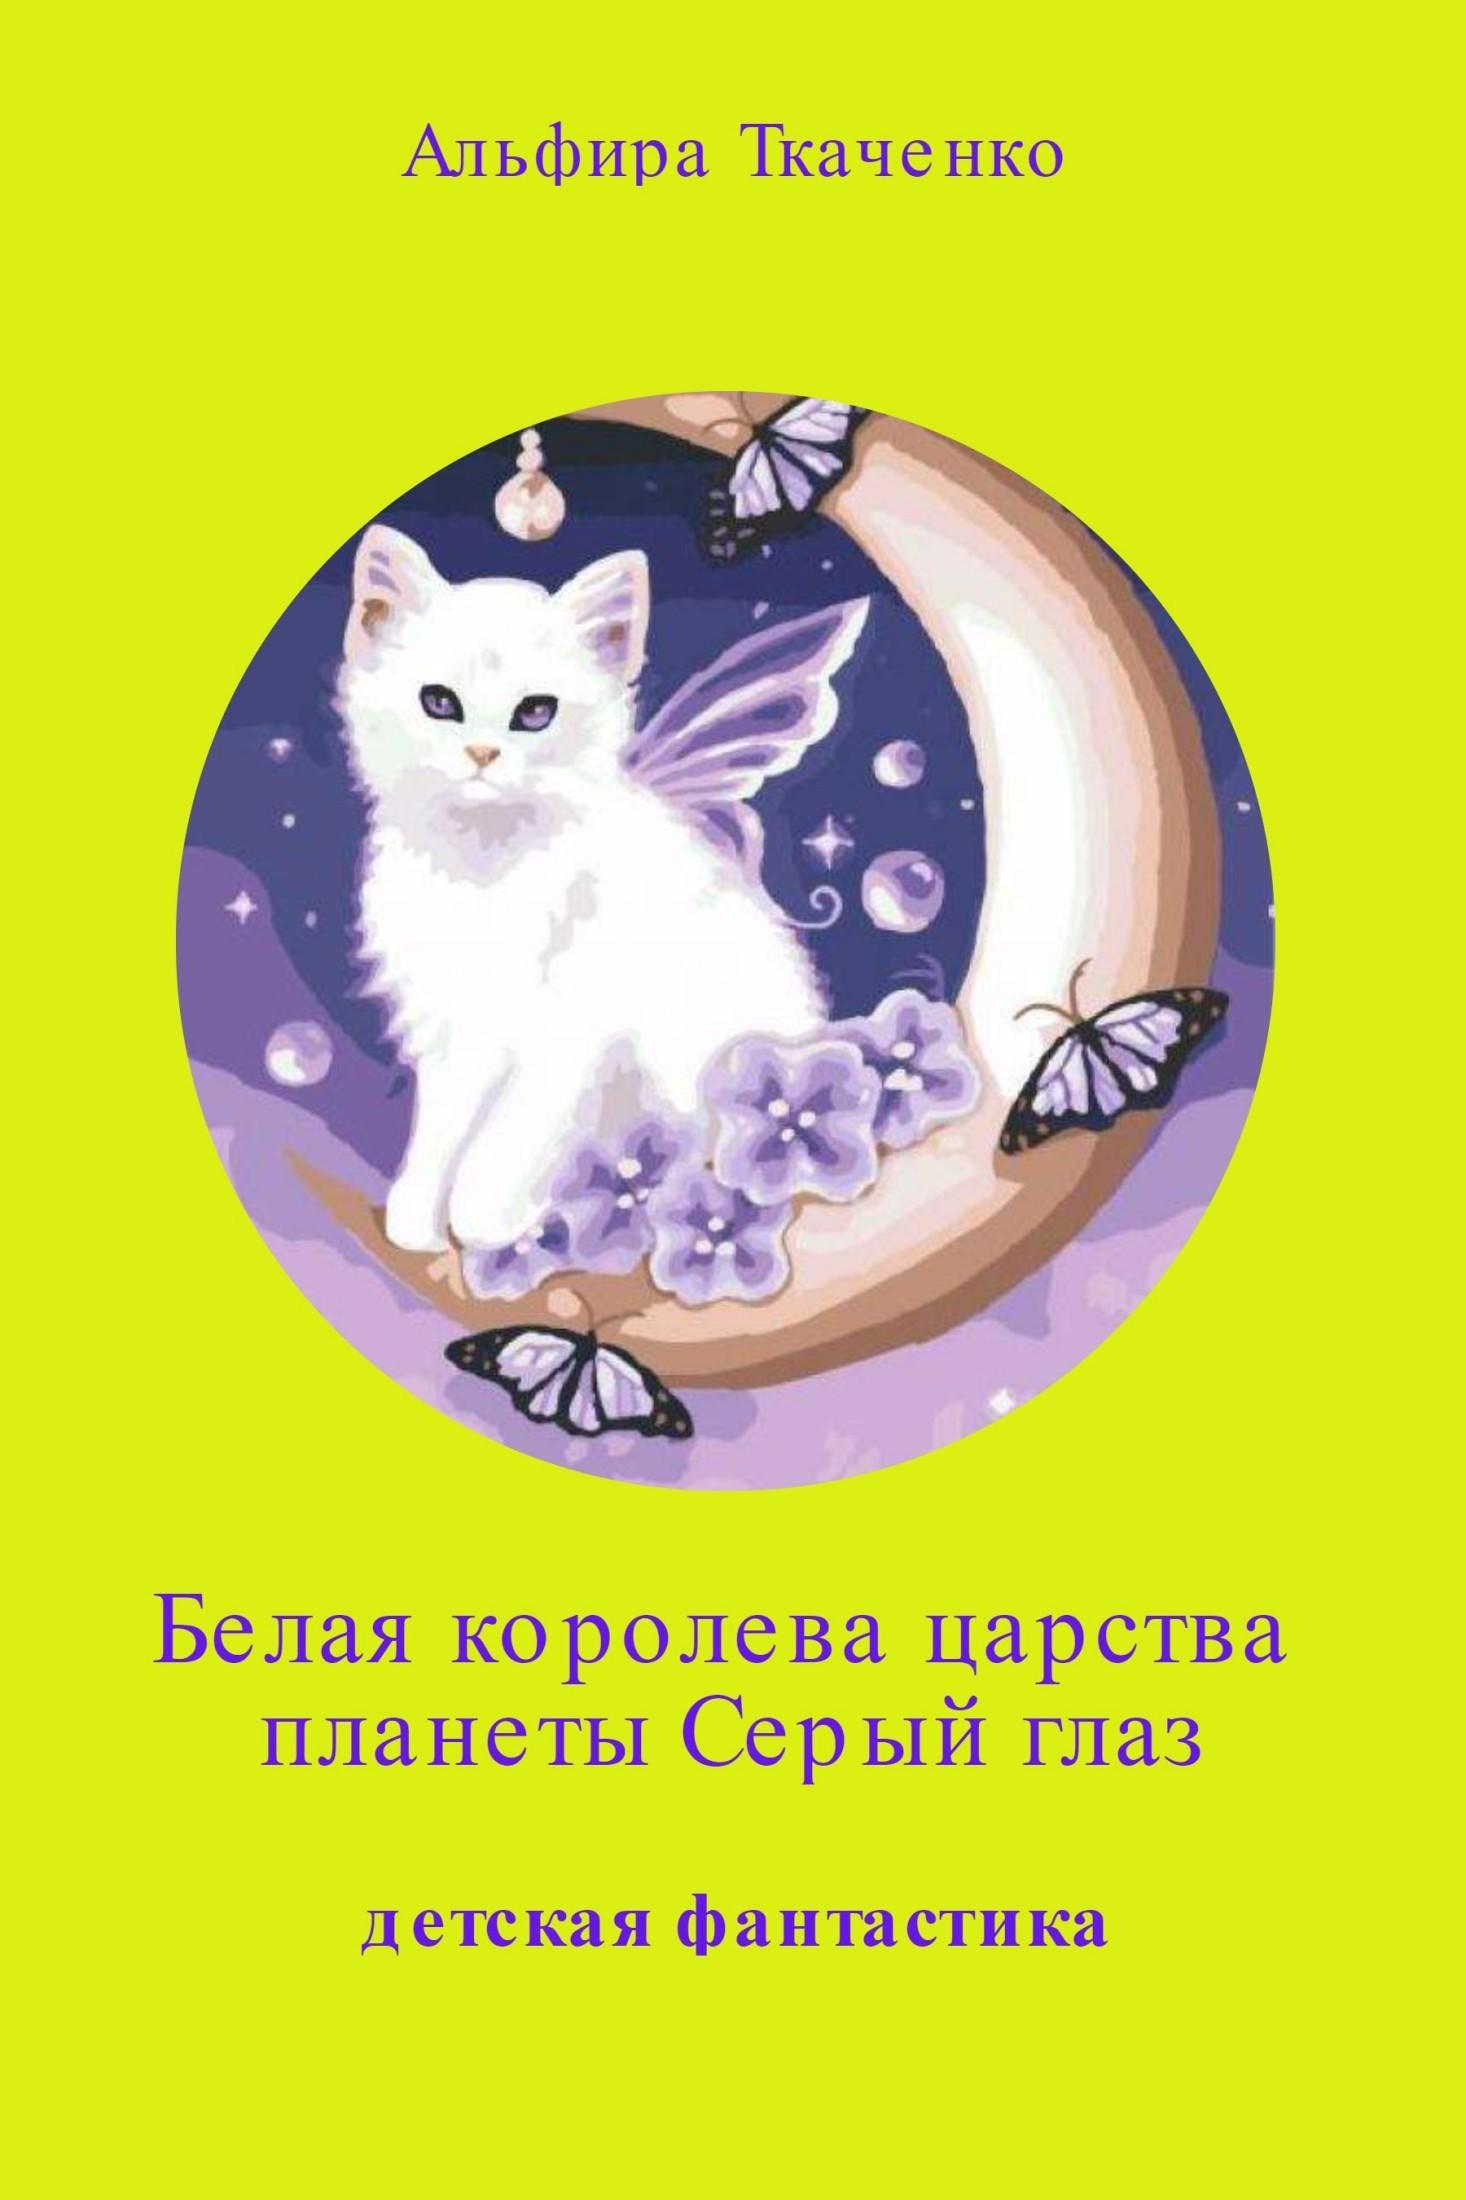 Альфира Федоровна Ткаченко Белая королева царства планеты «Серый глаз»